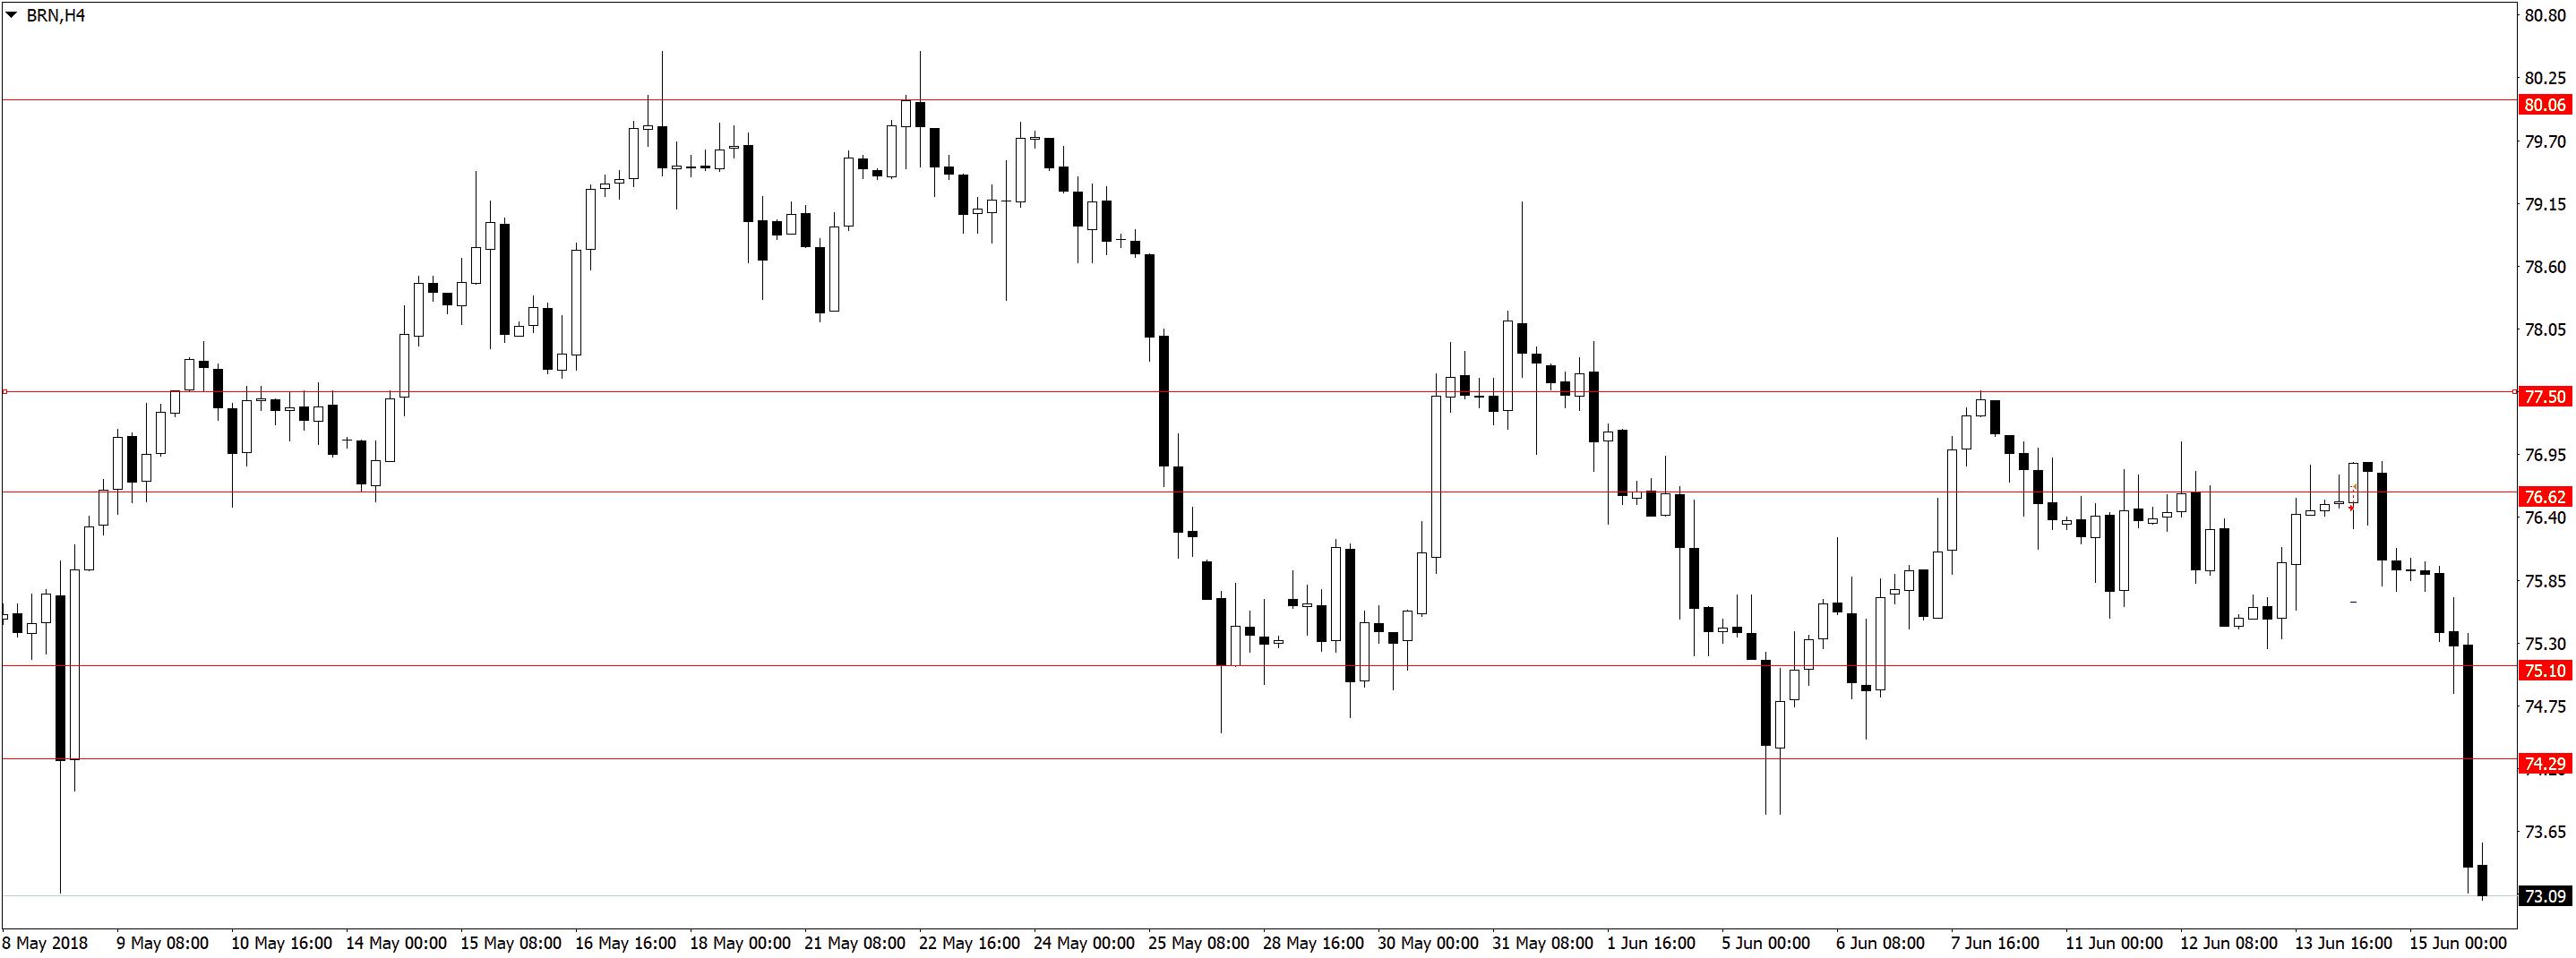 BRNH4 Усталость от трейдинга, торговля акций, переторговка